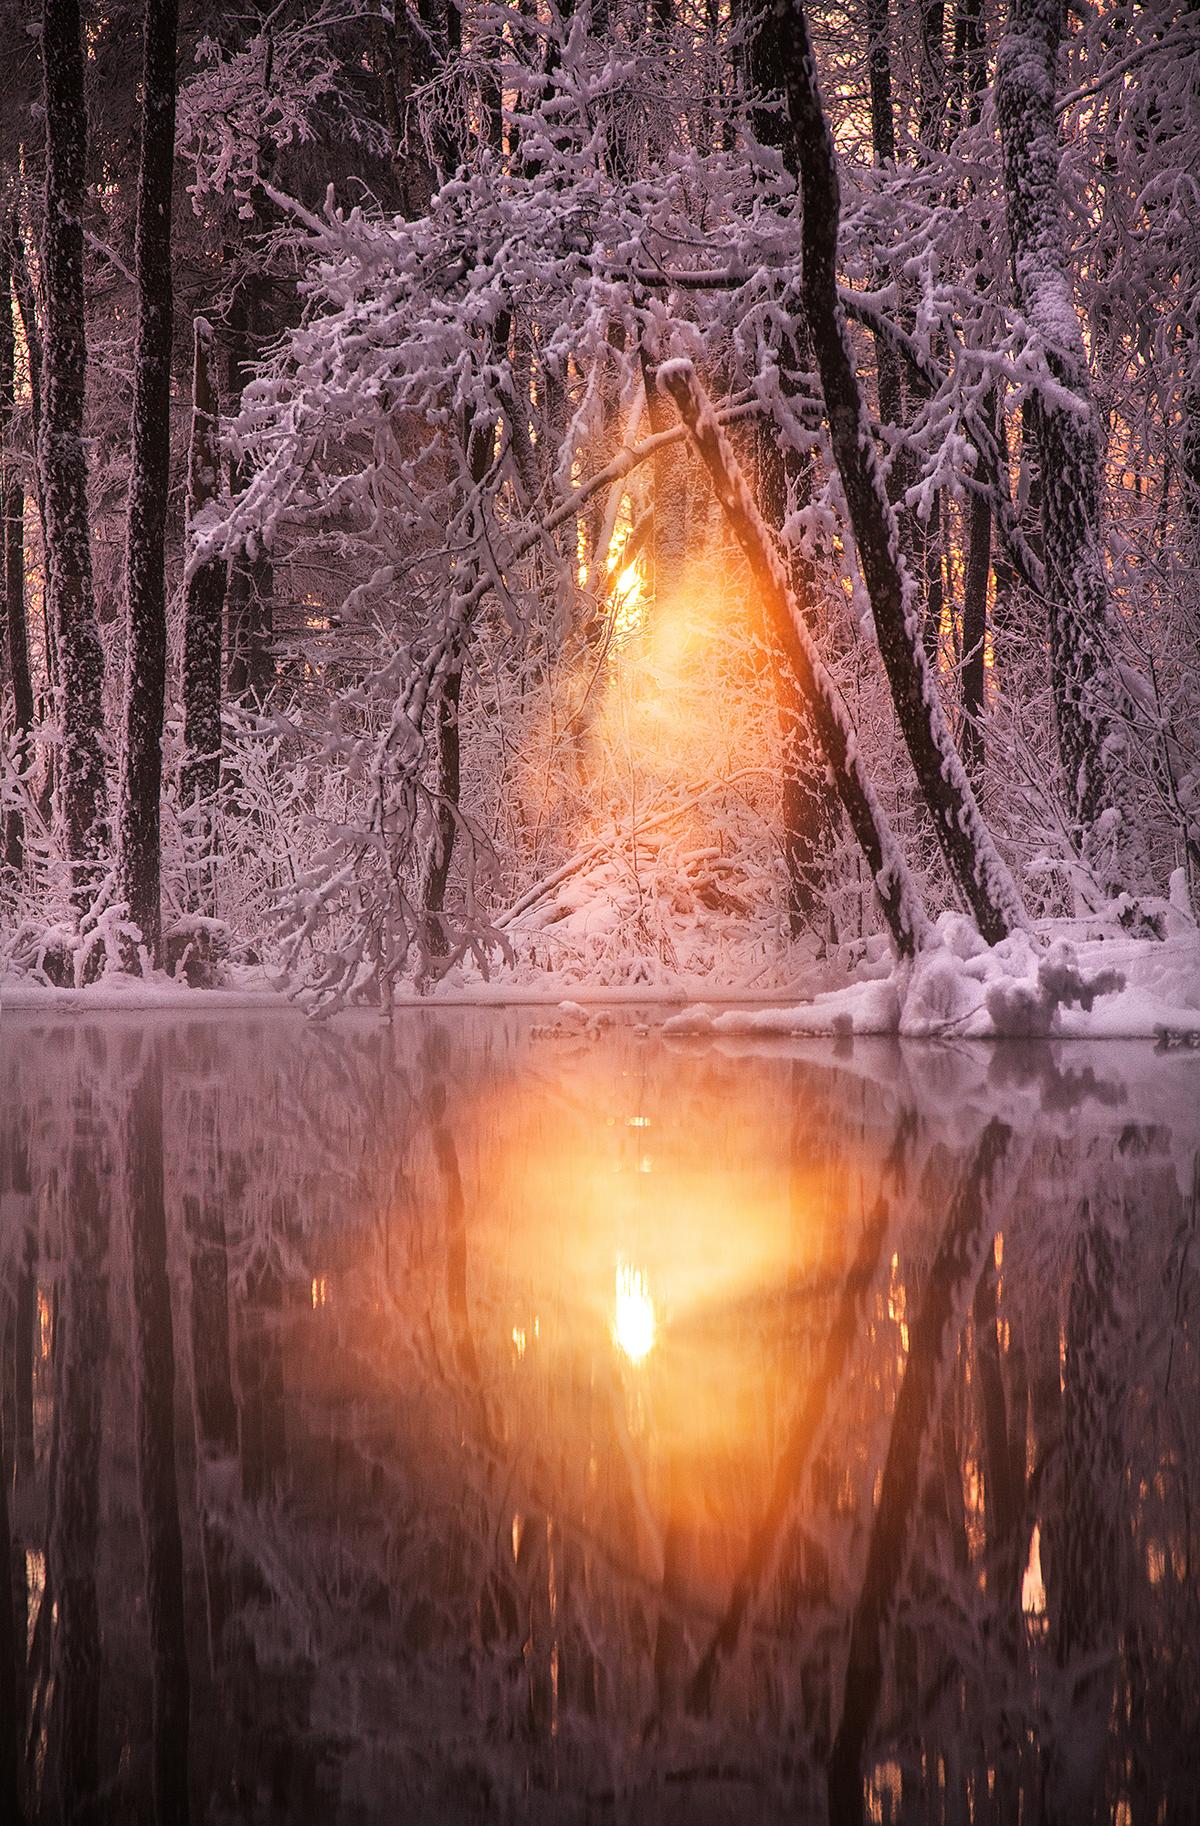 Talve ilu kogu tema hiilguses